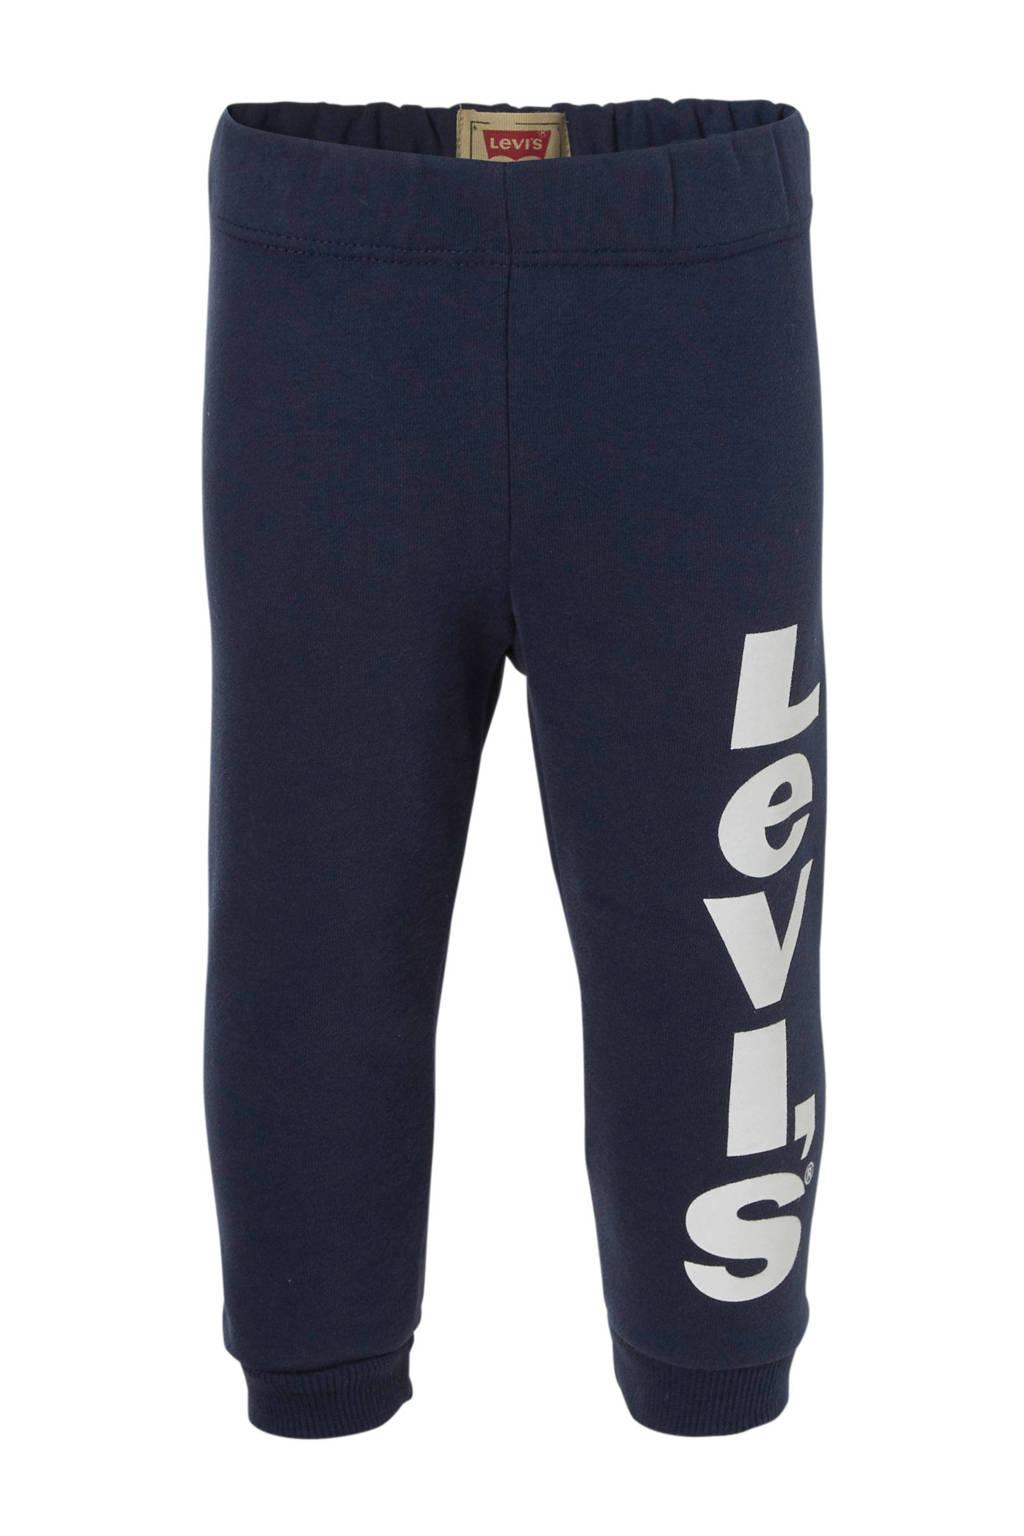 Levi's Kids   baby joggingbroek met logo donkerblauw, Donkerblauw